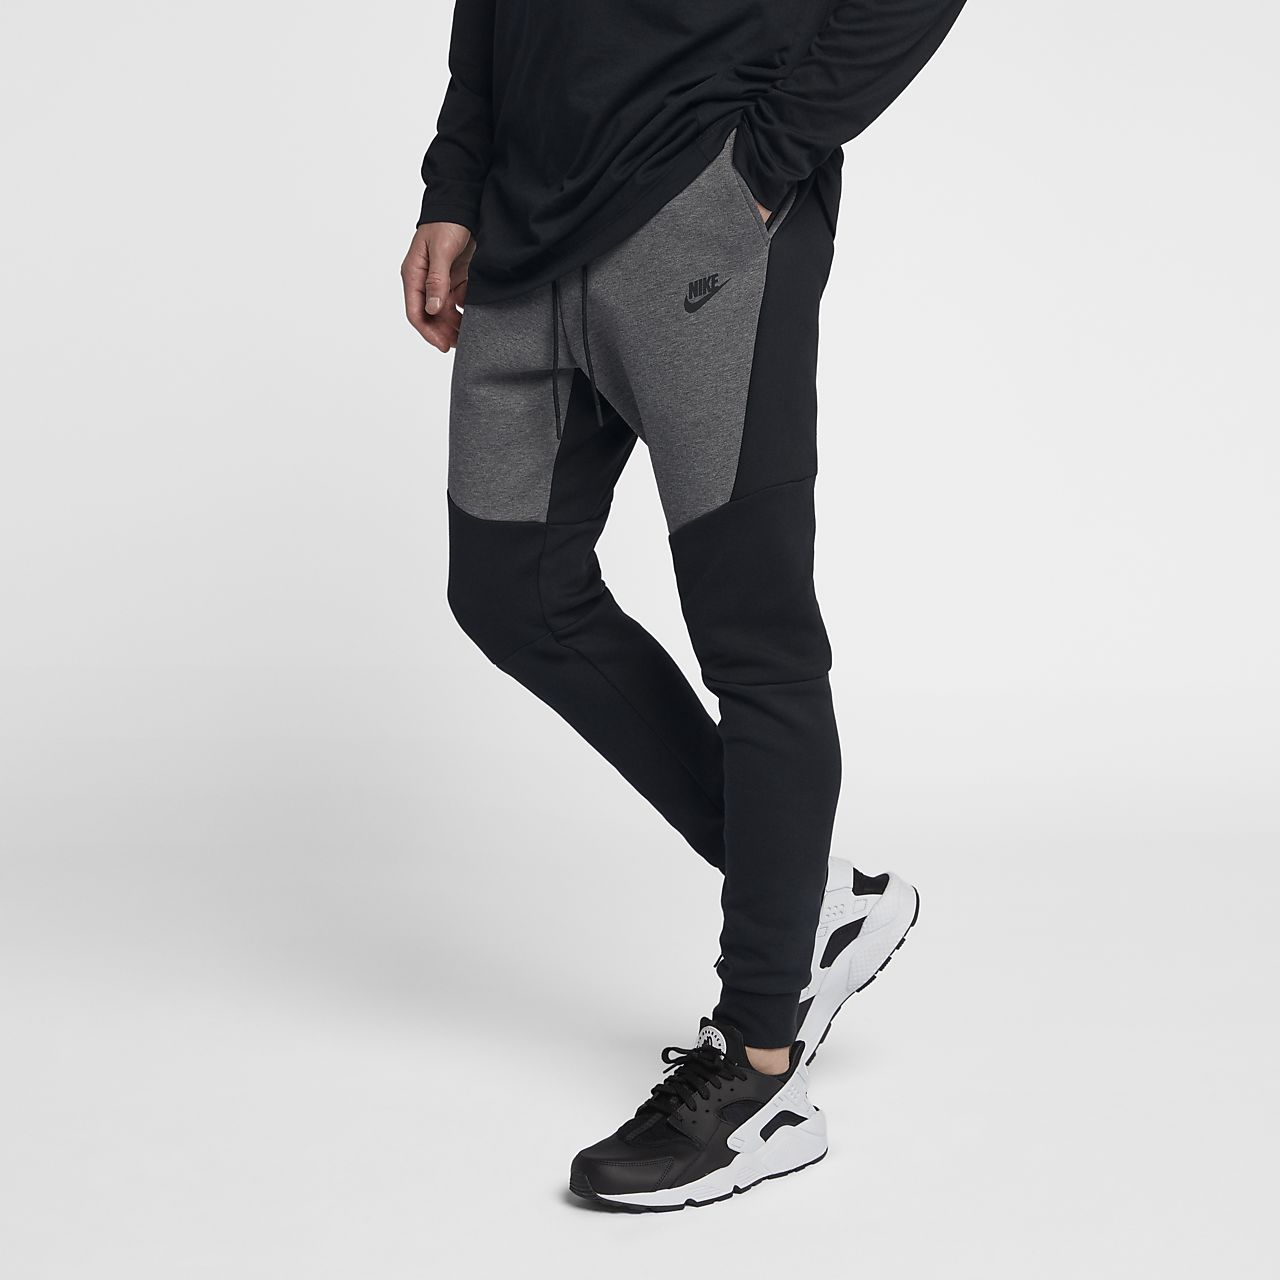 d7af75c63052 Nike Tech Fleece Pant Gx 1.0 unit4motors.co.uk